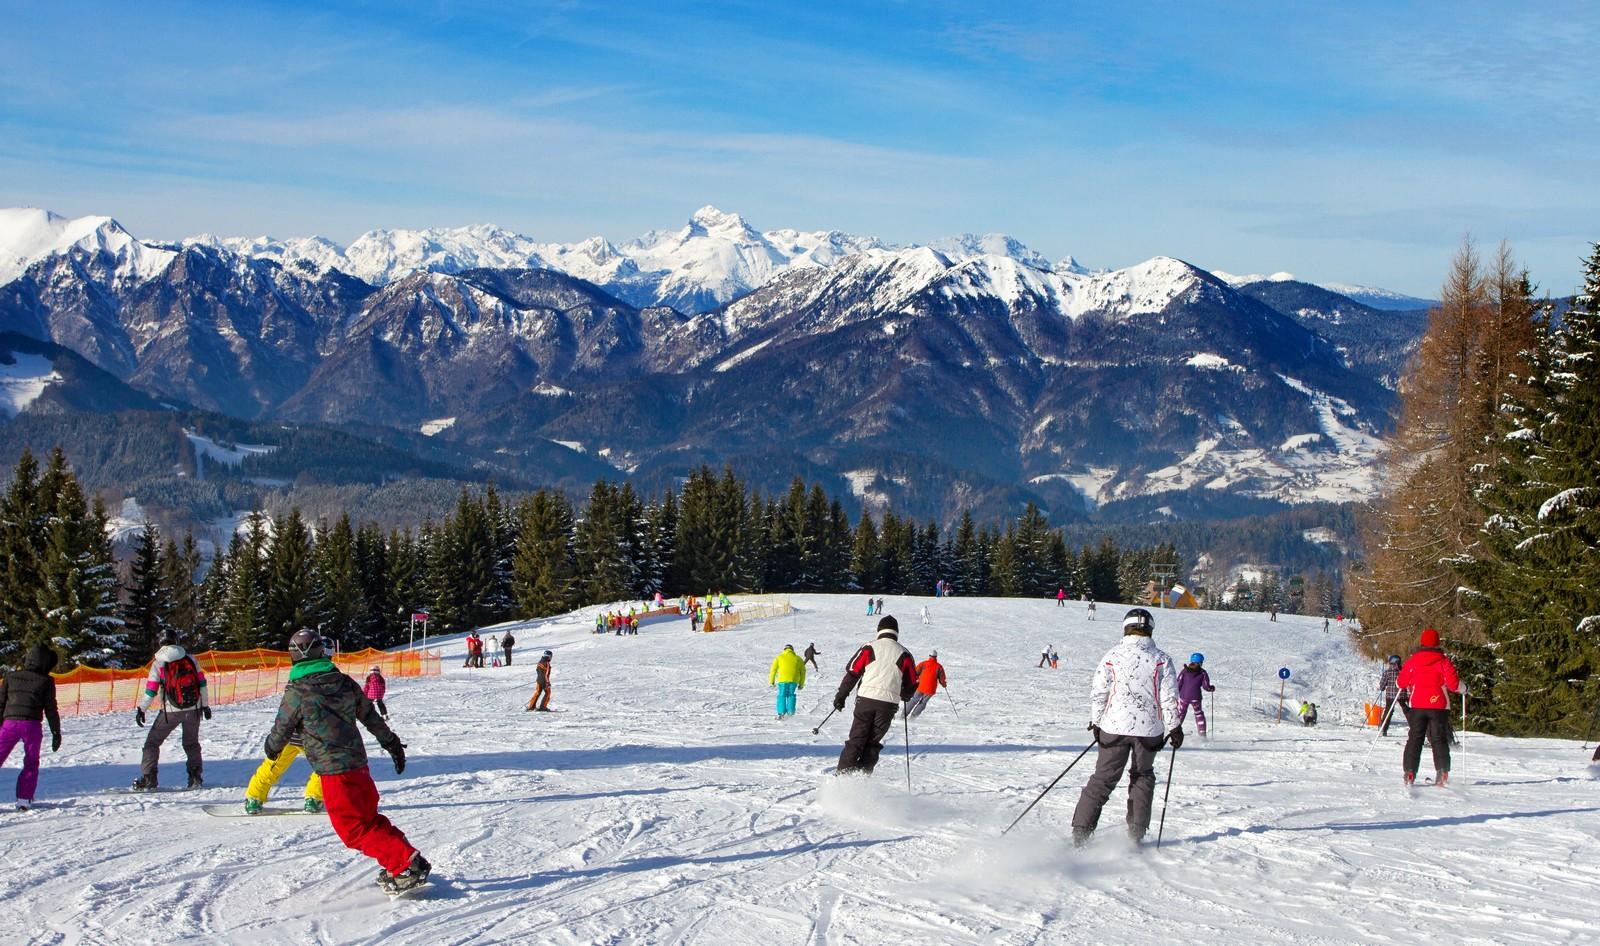 novicka_ski_resort_cerkno-3